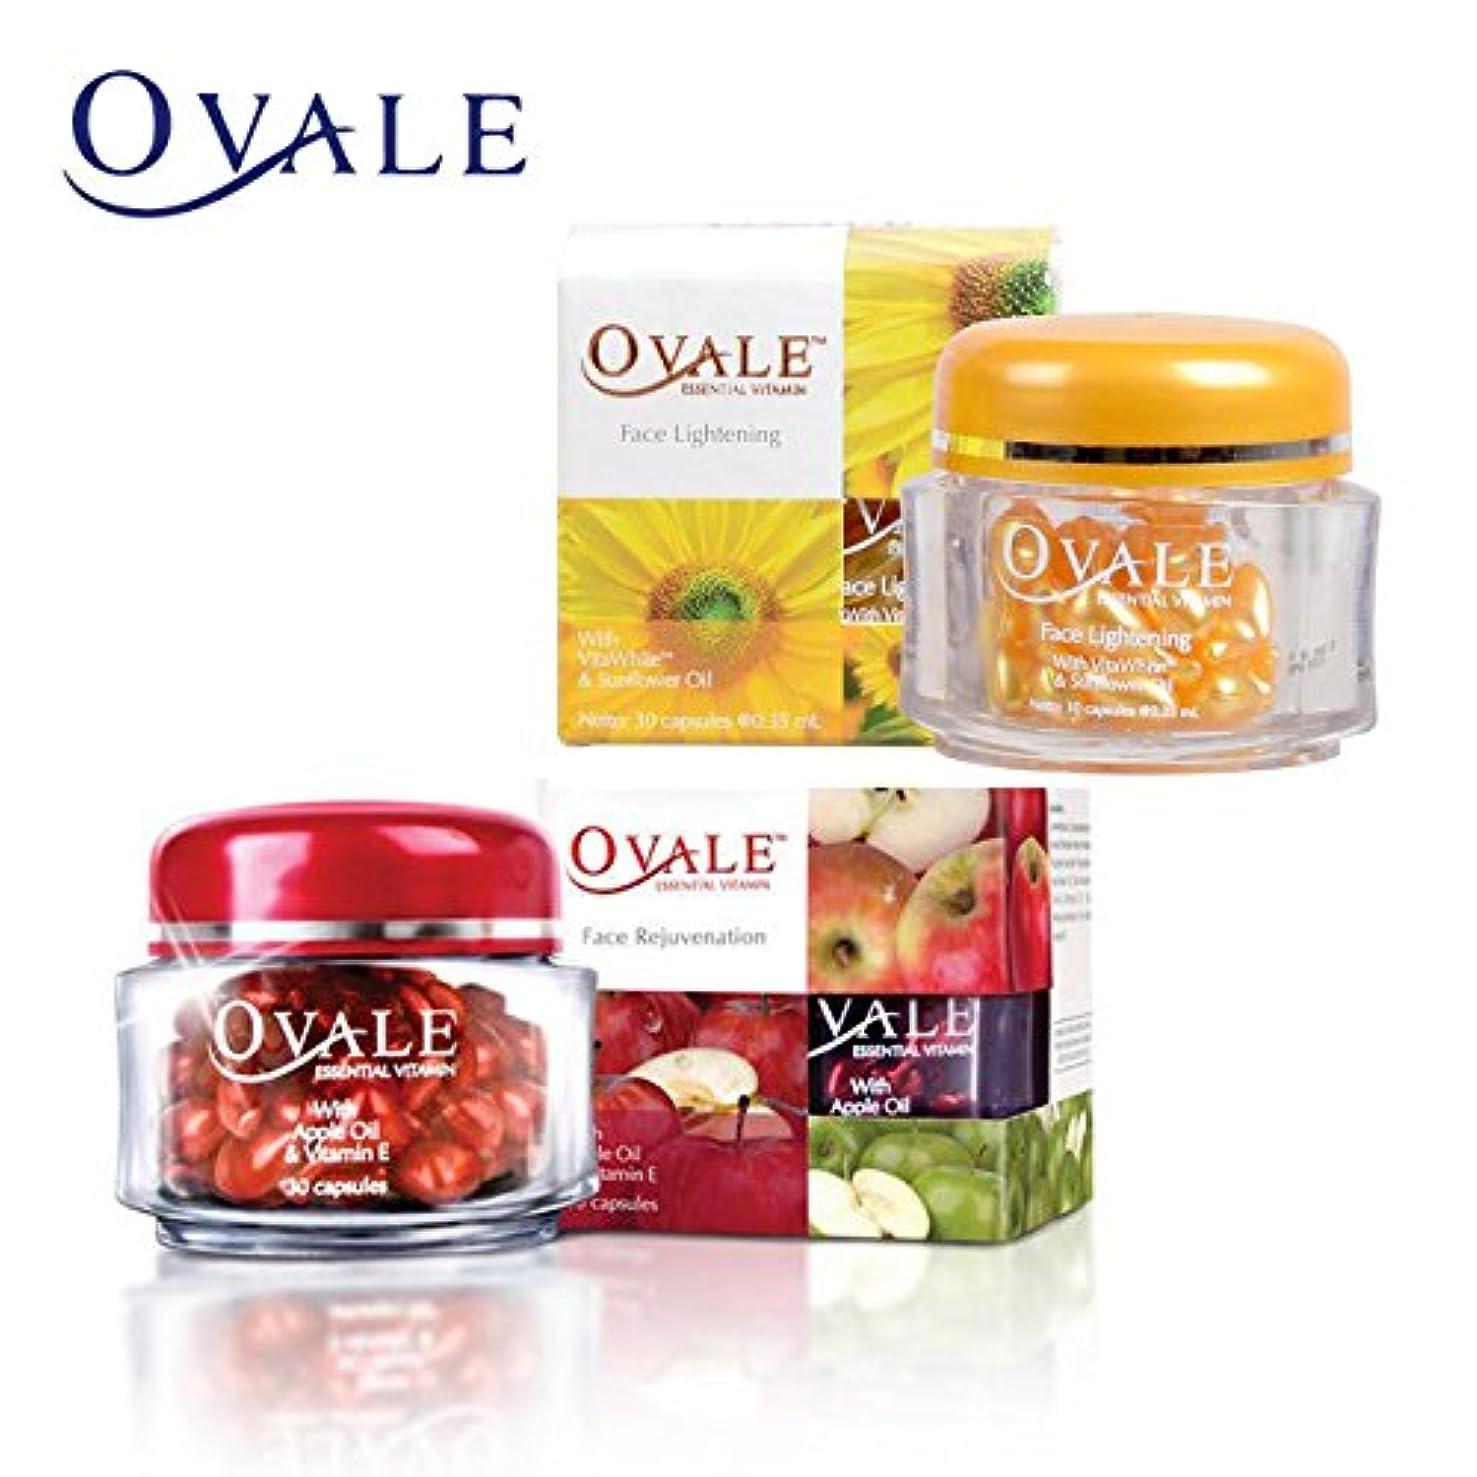 Ovale オーバル フェイシャル美容液 essential vitamin エッセンシャルビタミン 30粒入ボトル×5個 サンフラワー [海外直送品]